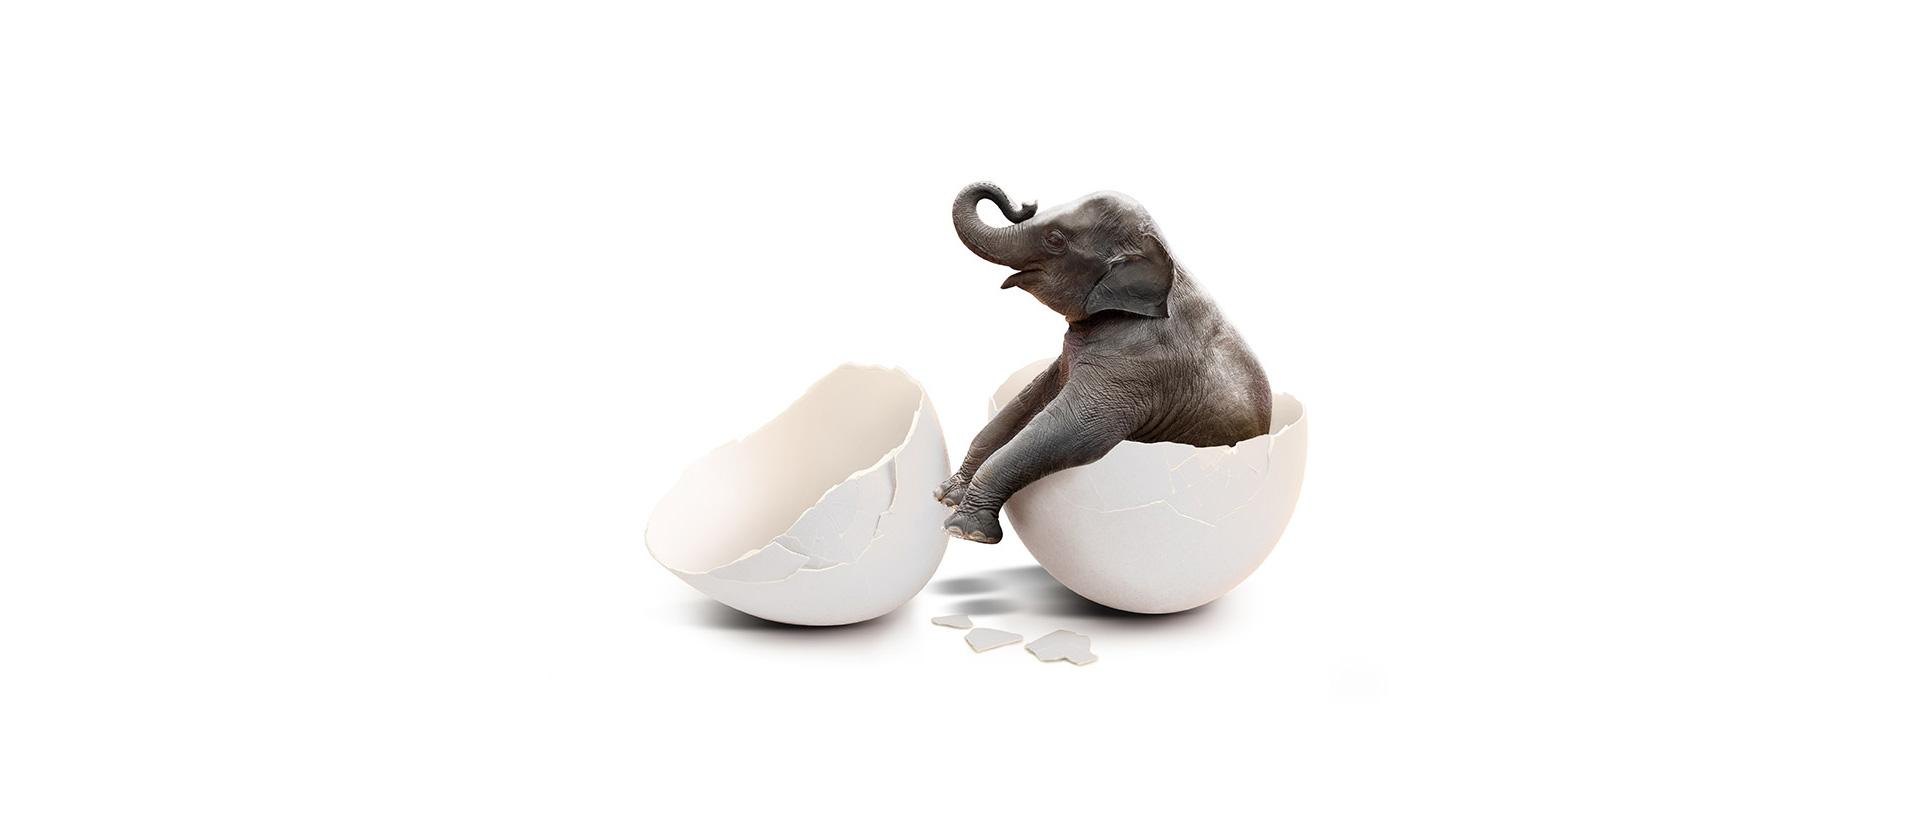 Warum eigentlich ein Babyelefant? | webundwerbung.at